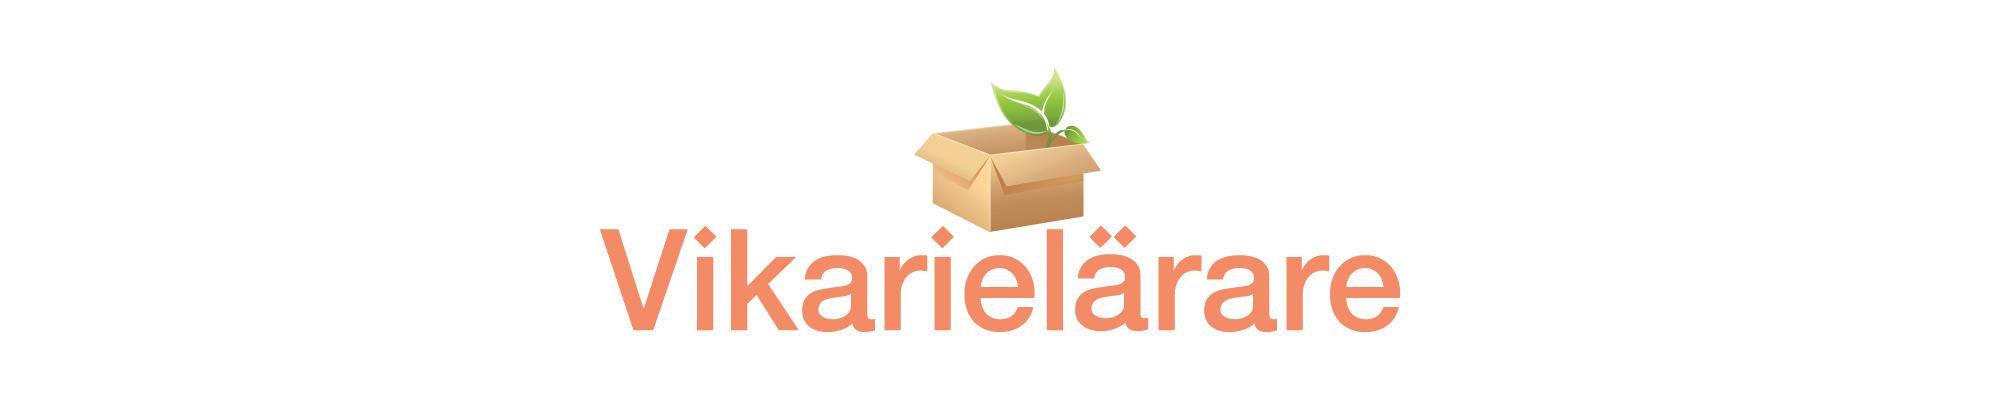 Vikarielarare-logo_2000x400px